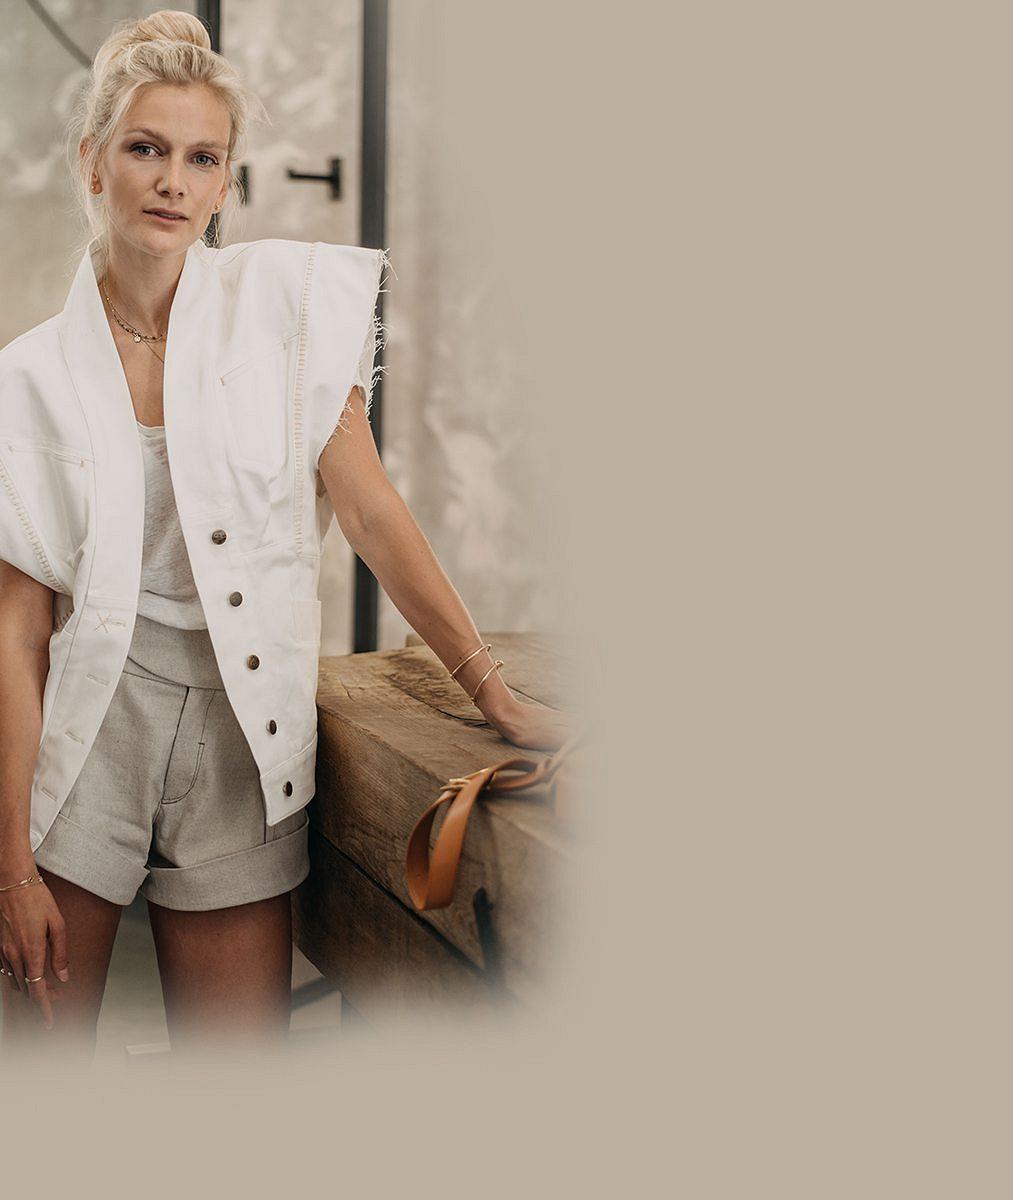 Přivlastněte si styl topmodelky. Česká kráska Stráská se pustila do navrhování